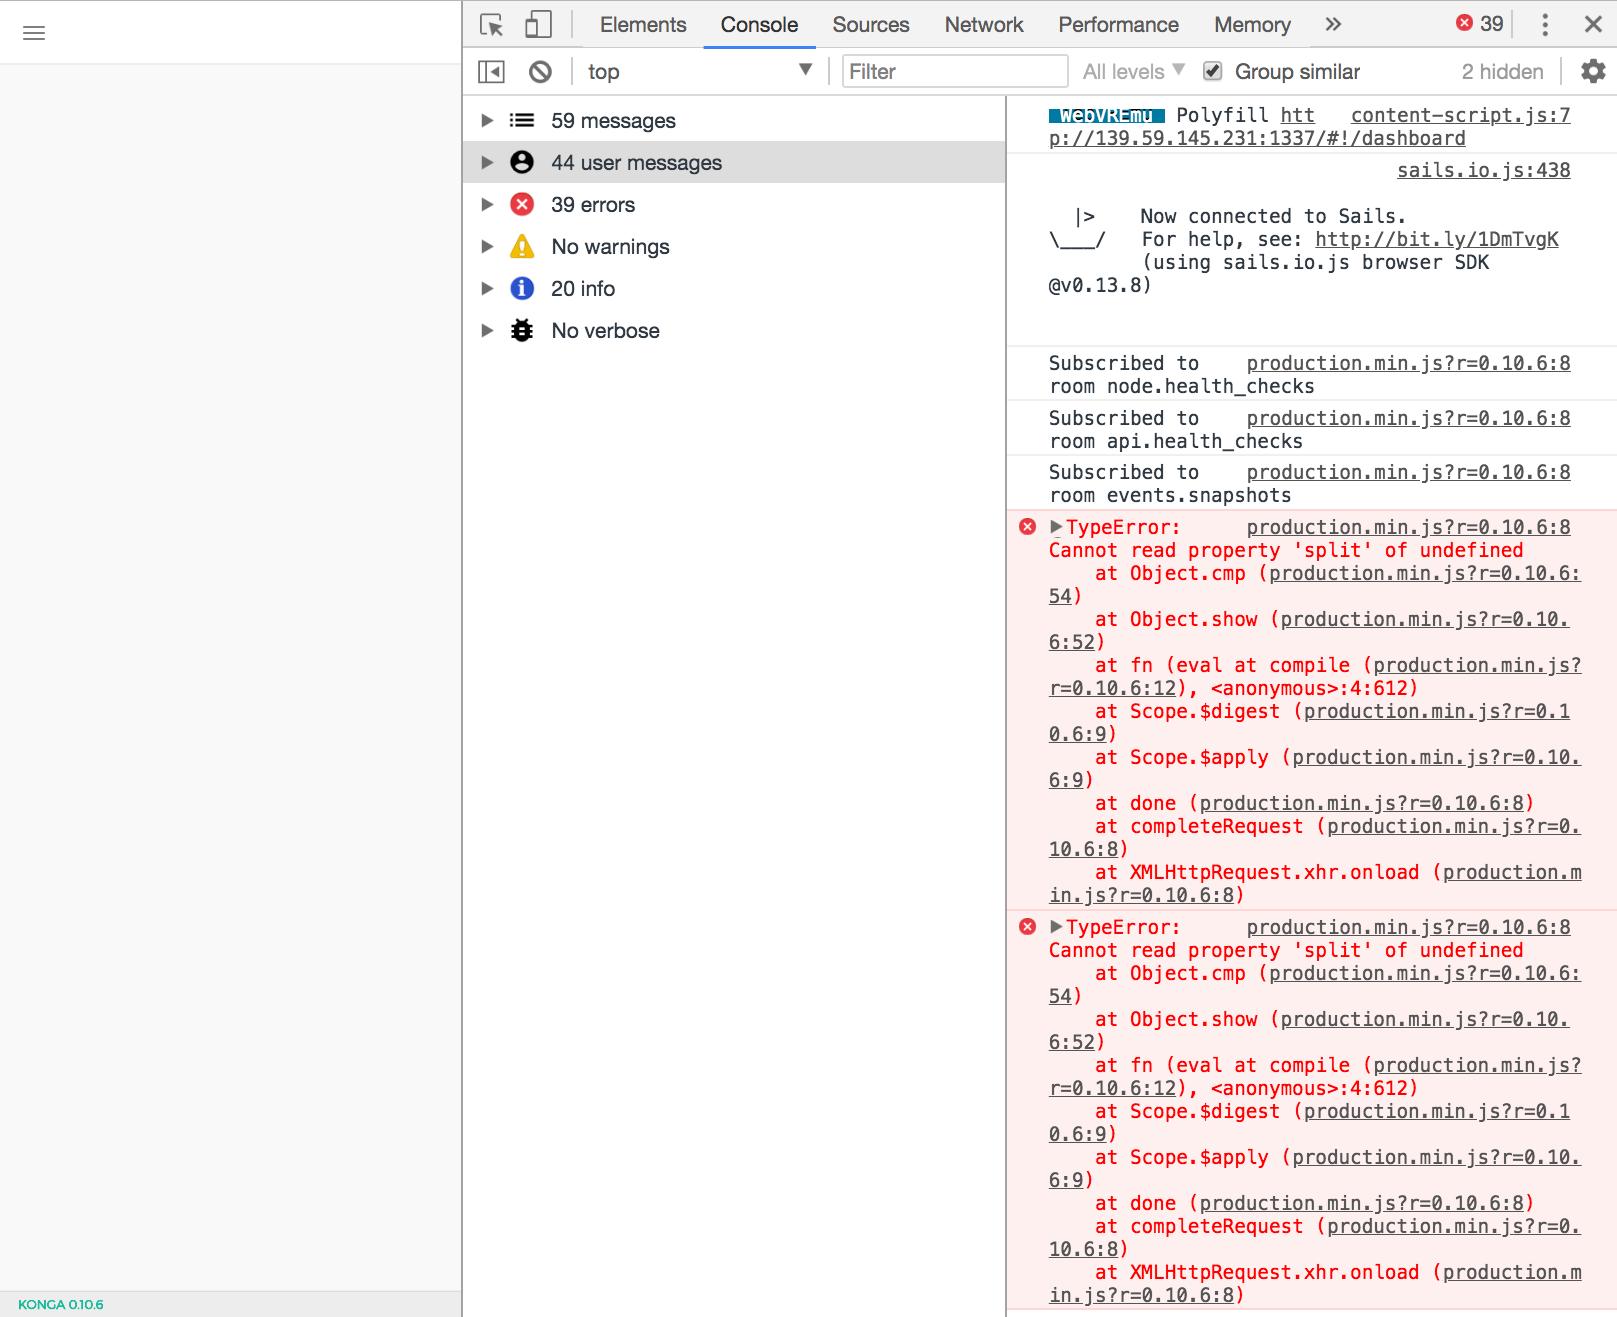 demo is broken · Issue #205 · pantsel/konga · GitHub